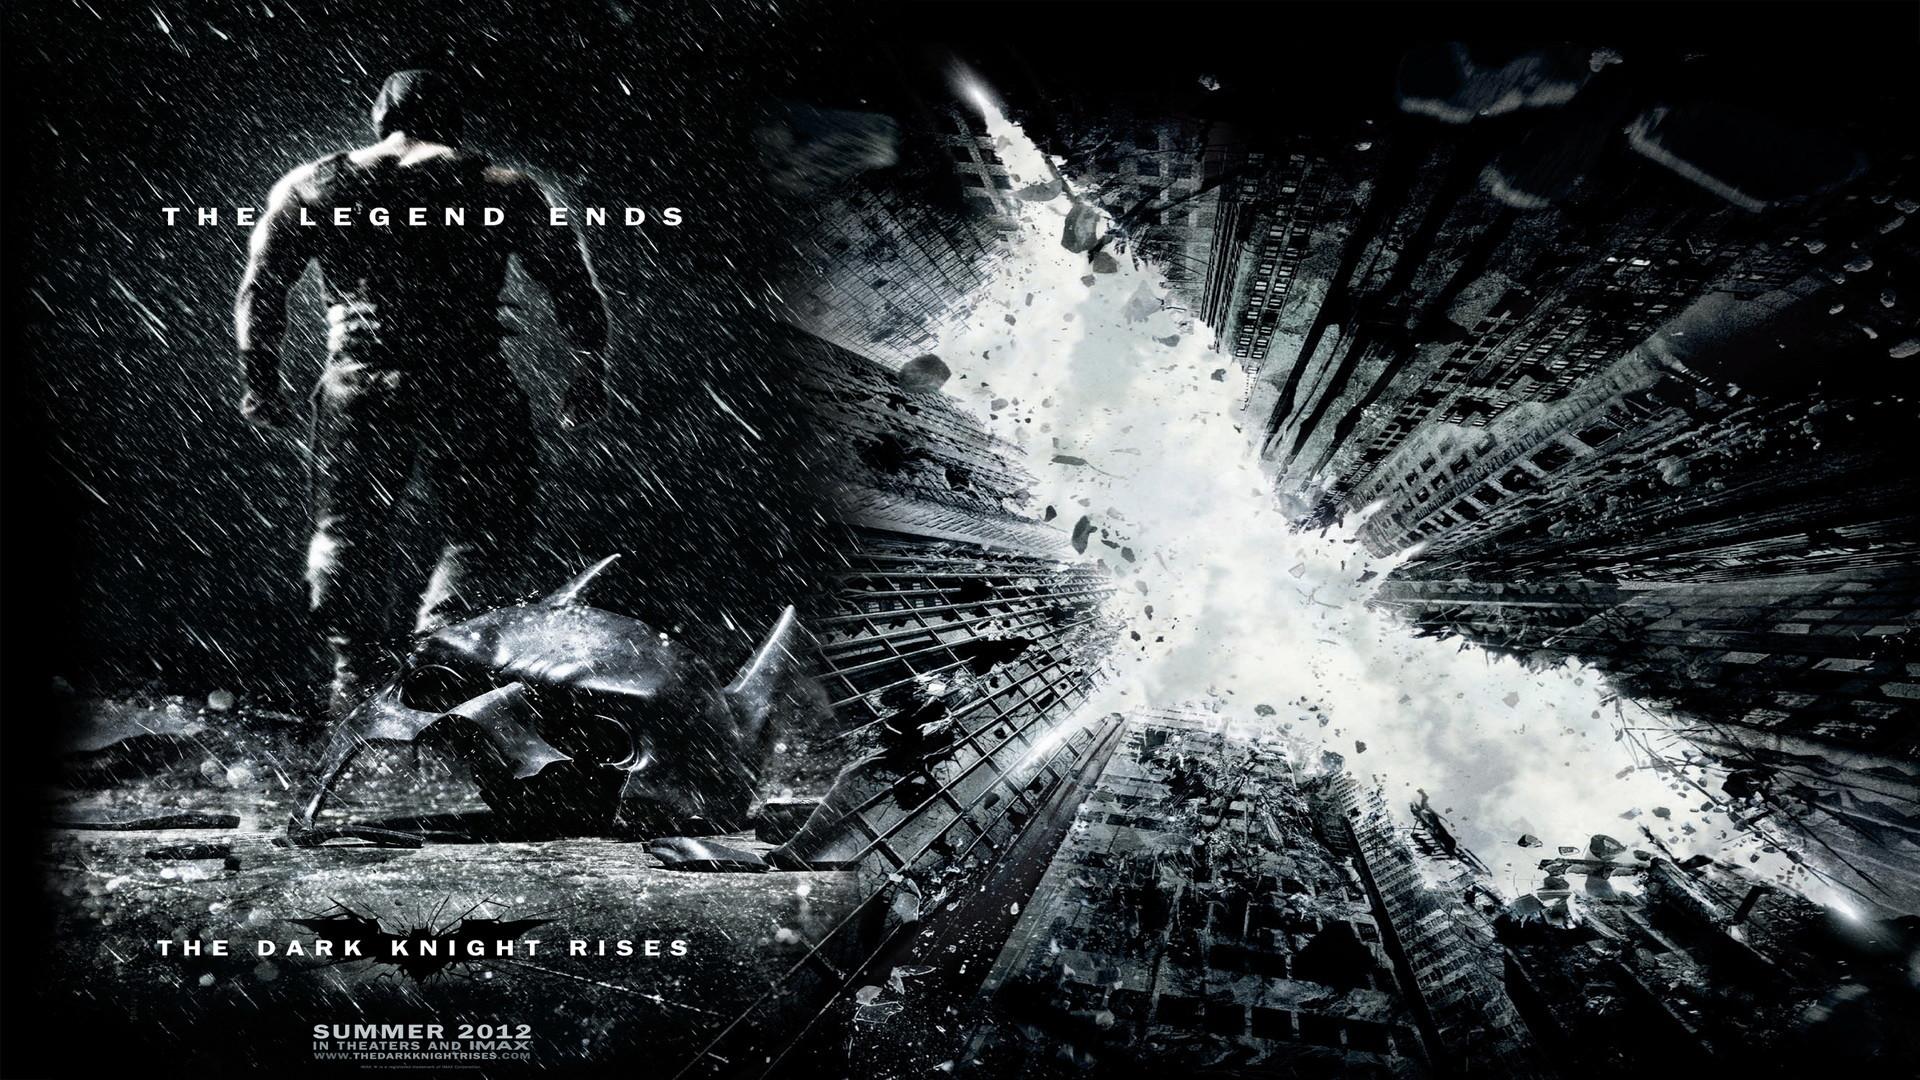 The Dark Knight Rises Full HD Wallpaper